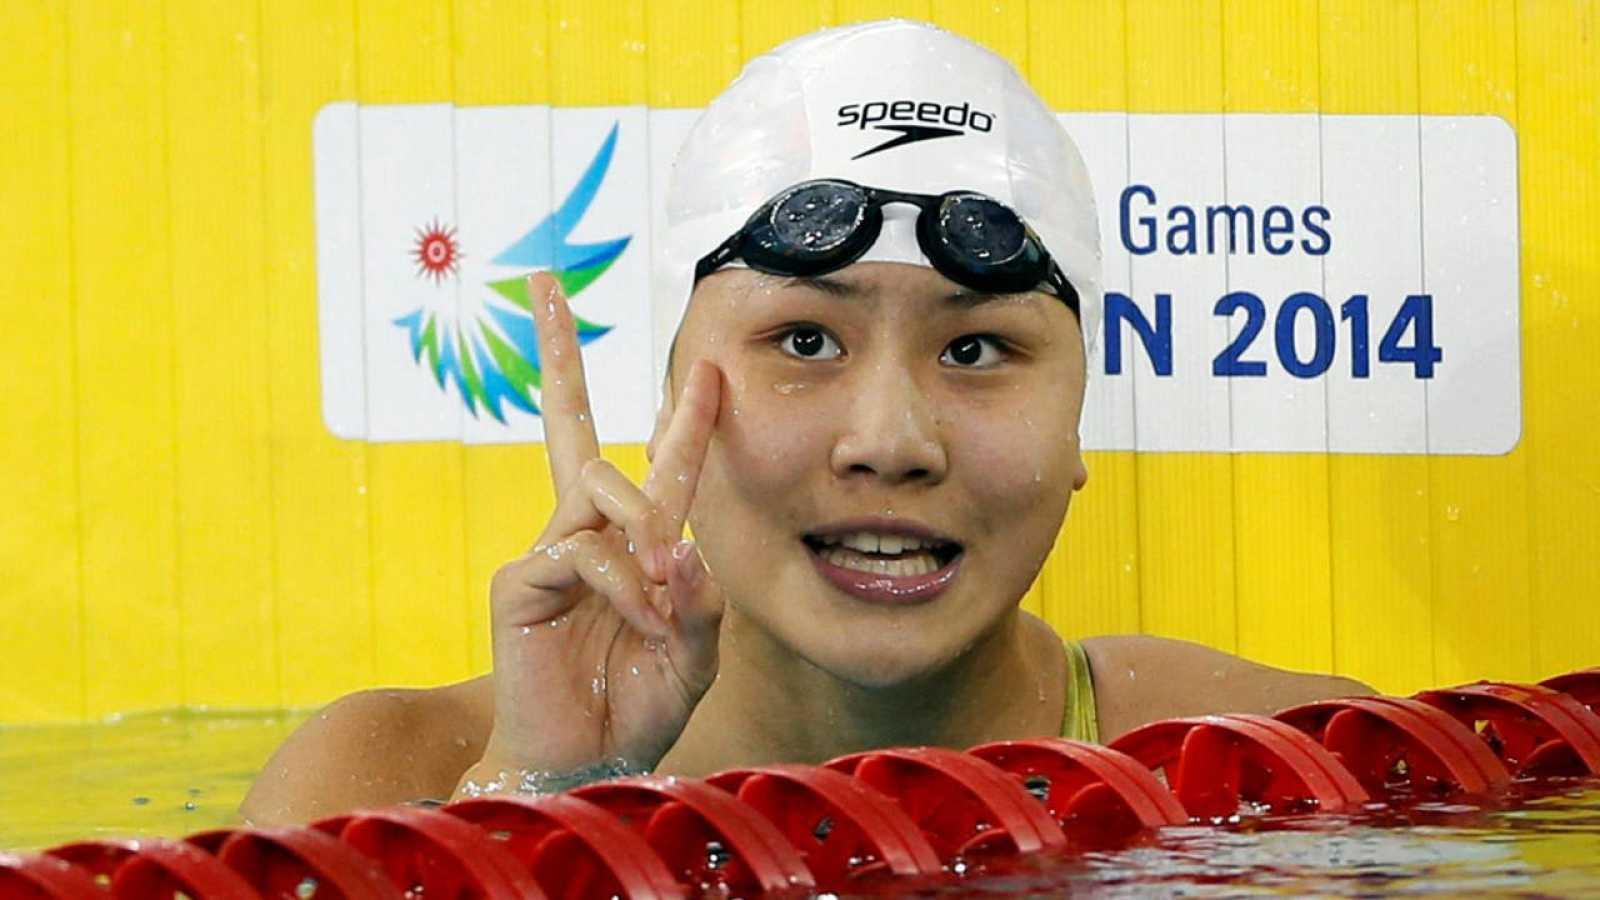 Chen Xinyi, positivo por dopaje, fue cuarta en la final de 100 metros mariposa en Río 2016